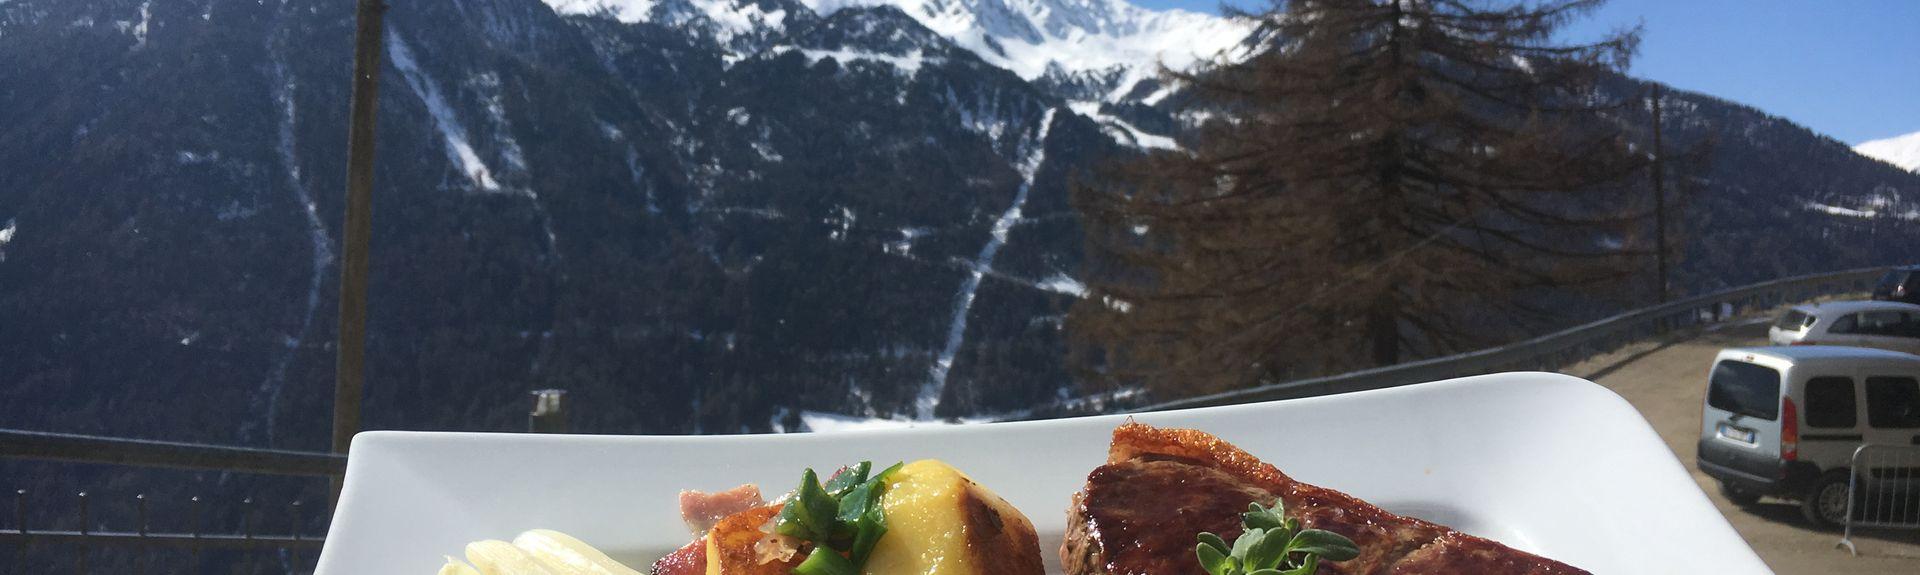 Lappago, Alto Adige, Trentino-Alto Adige/South Tyrol, Italy